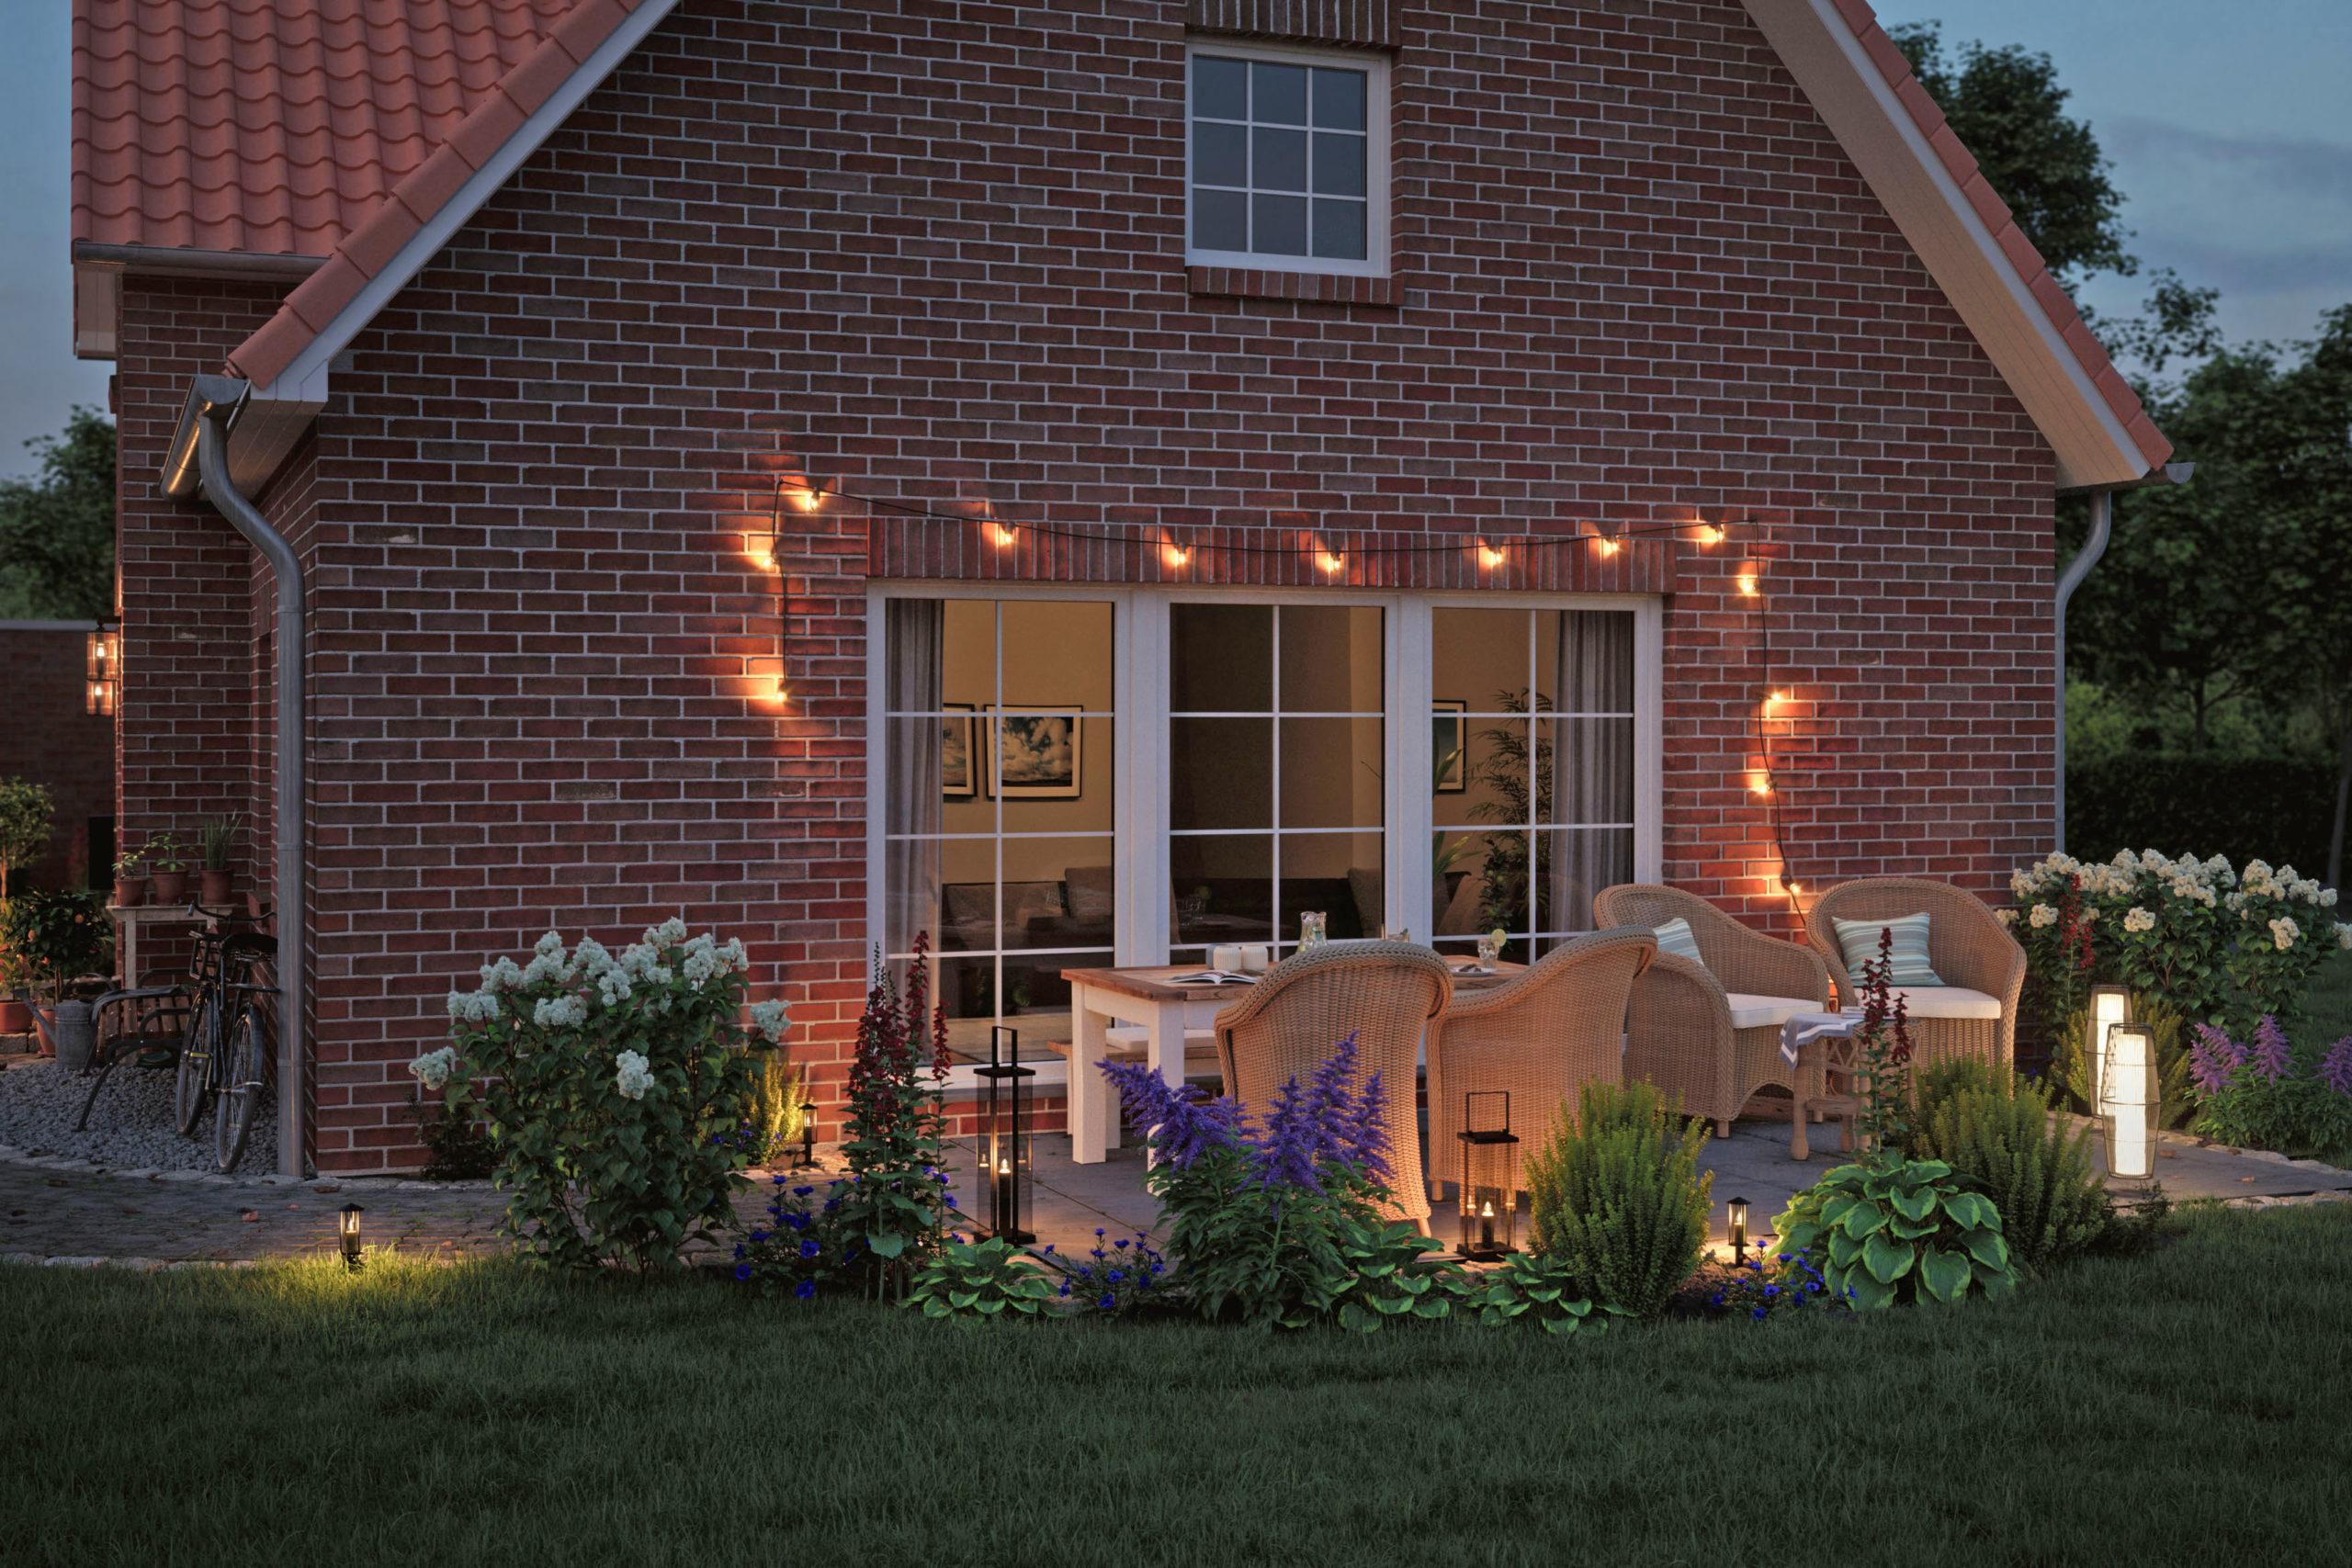 Außenwohnzimmer stimmungsvoll beleuchtet